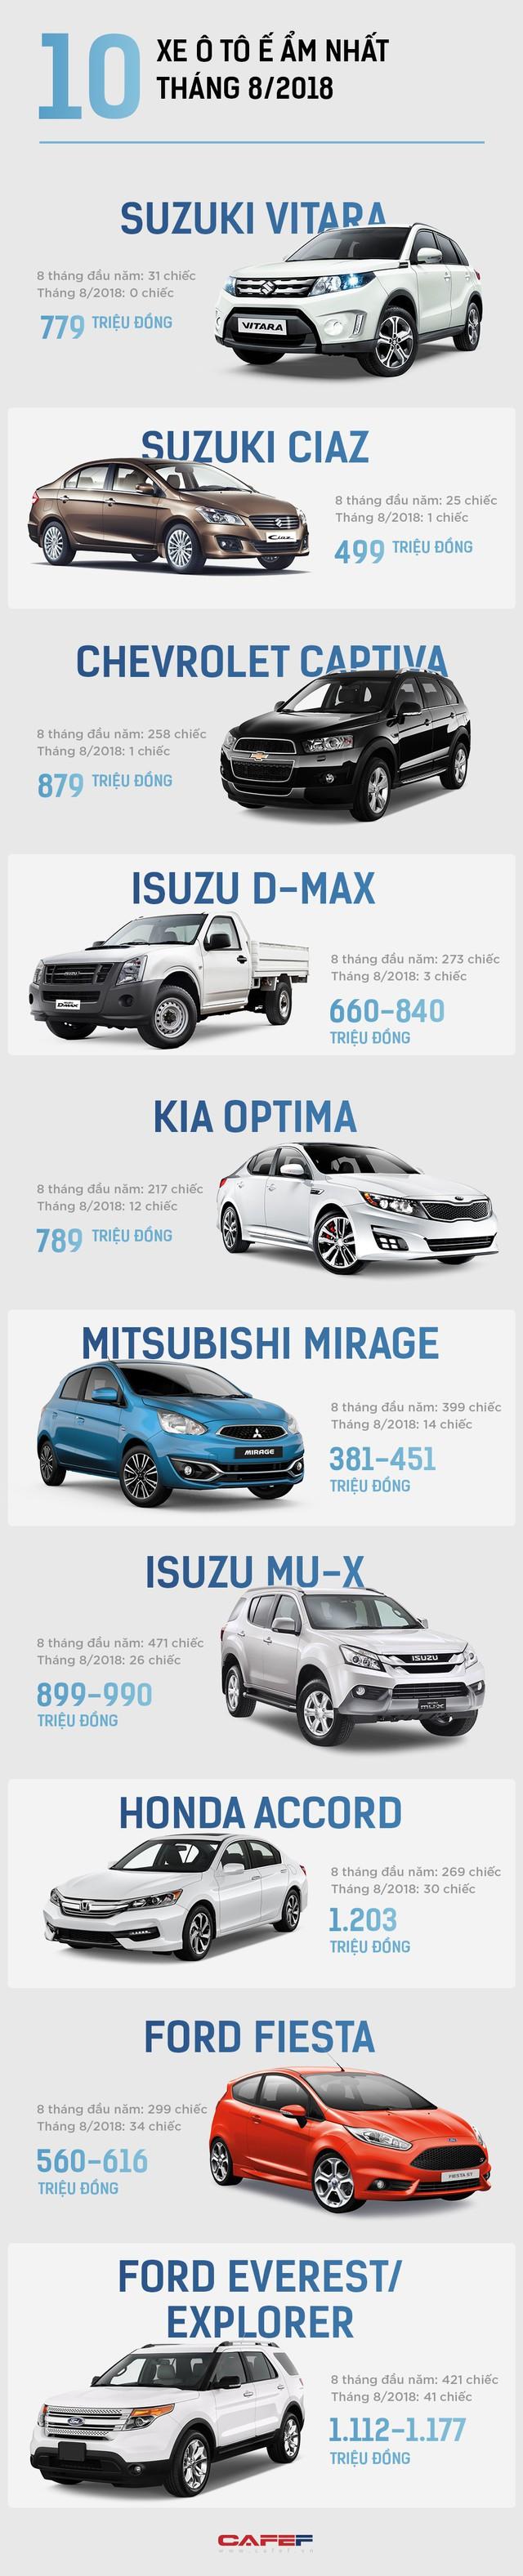 10 mẫu xe ô tô ế ẩm nhất tháng 8/2018: Suzuki Vitara không bán được chiếc nào - Ảnh 1.